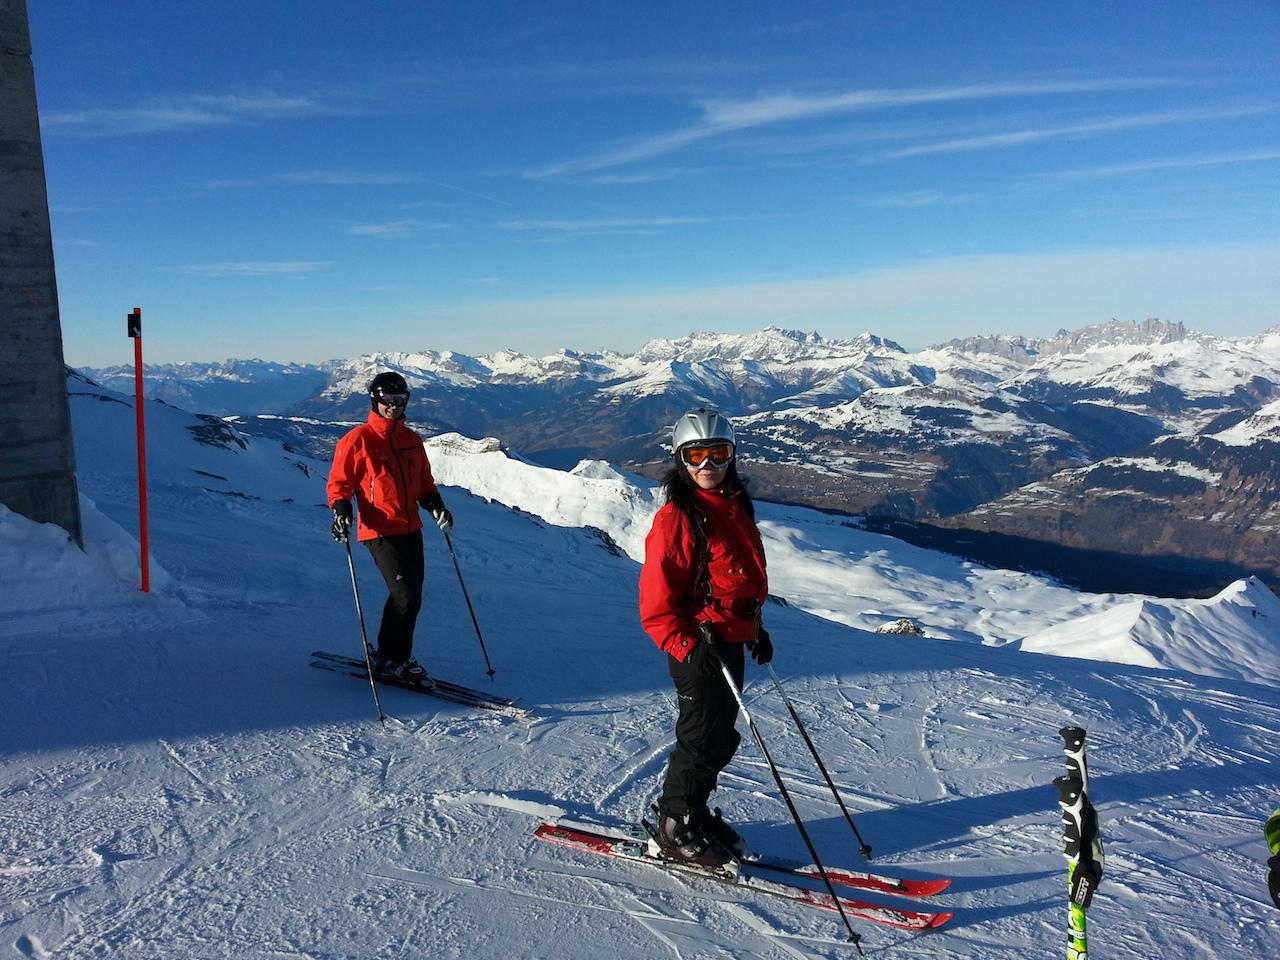 2014-01-11-sf-skiweekend-006